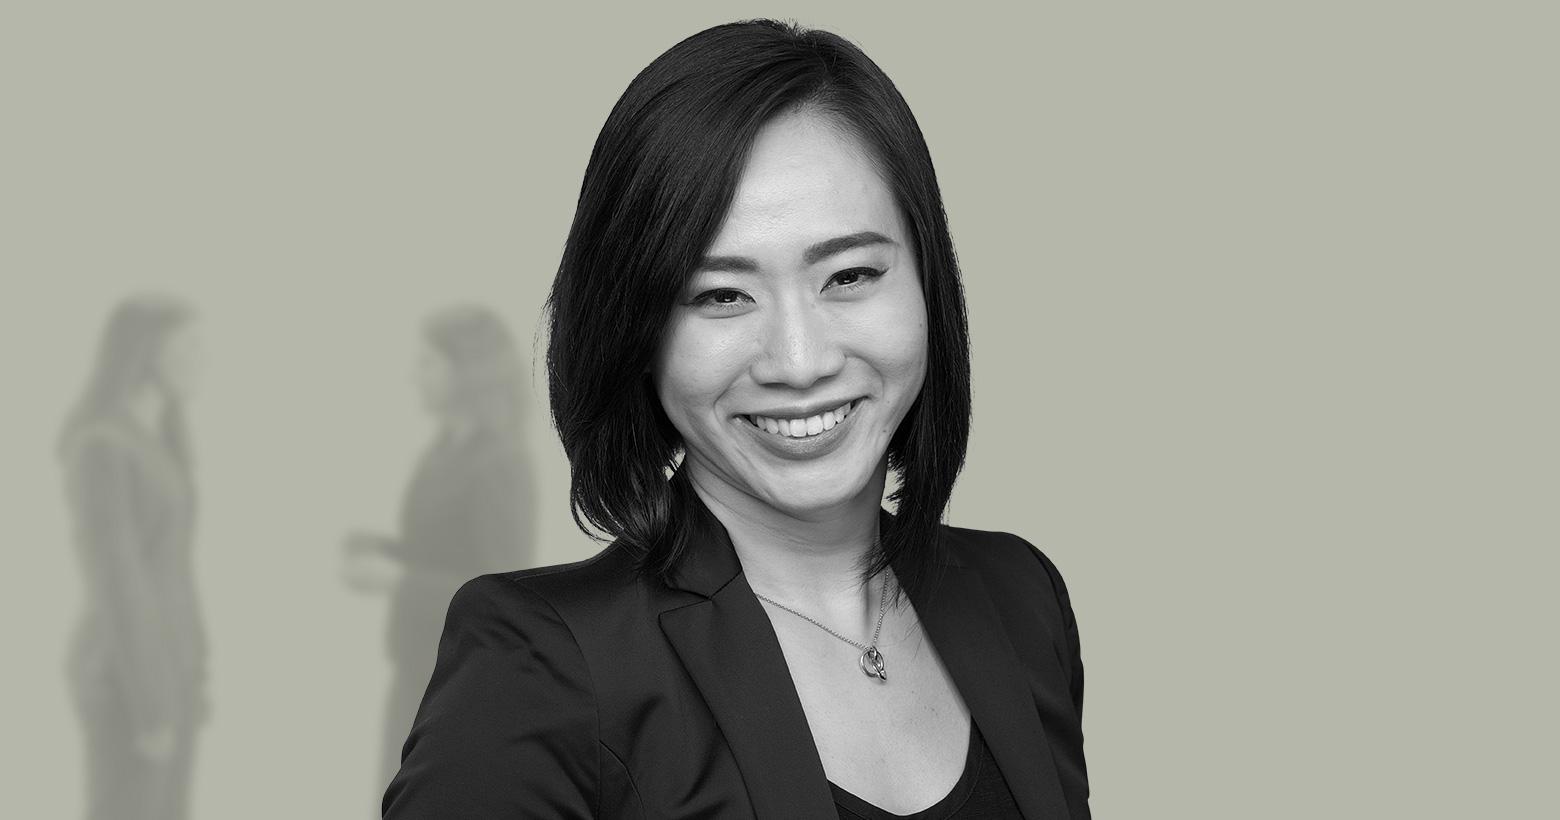 Chia-Chen Lee